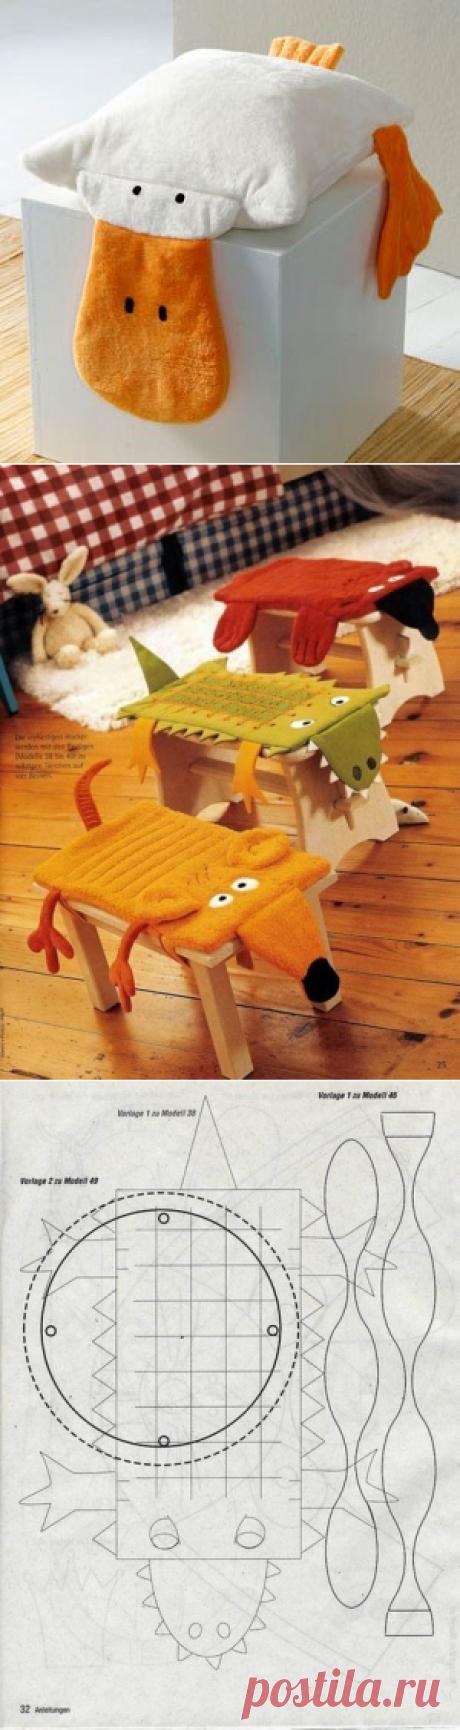 Как сшить забавные подушки-сидушки — Сделай сам, идеи для творчества - DIY Ideas